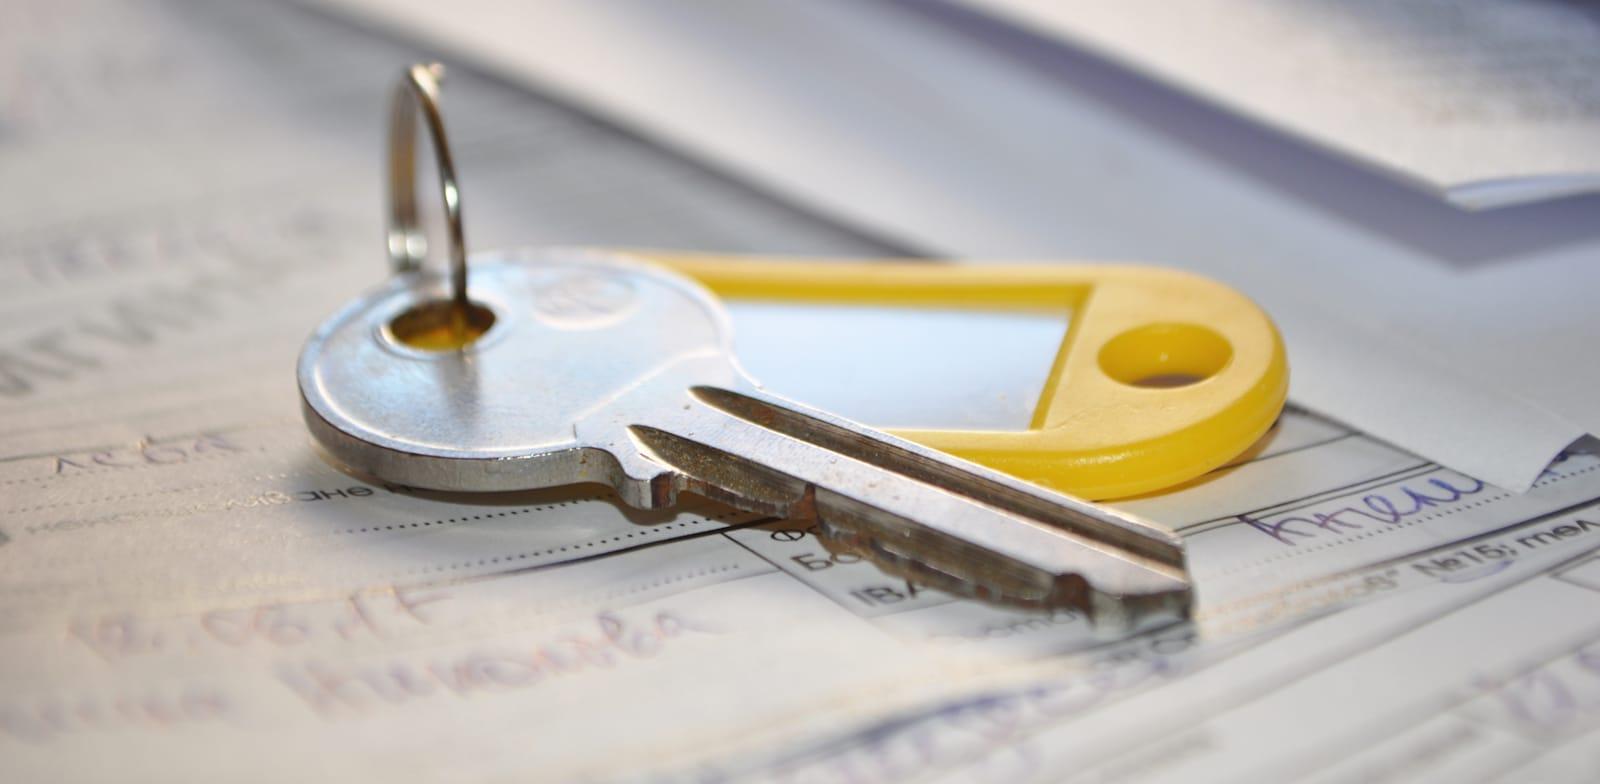 מכרתם דירה לאחרונה? הפסיקה הזו עשויה לסדר לכם החזר מס